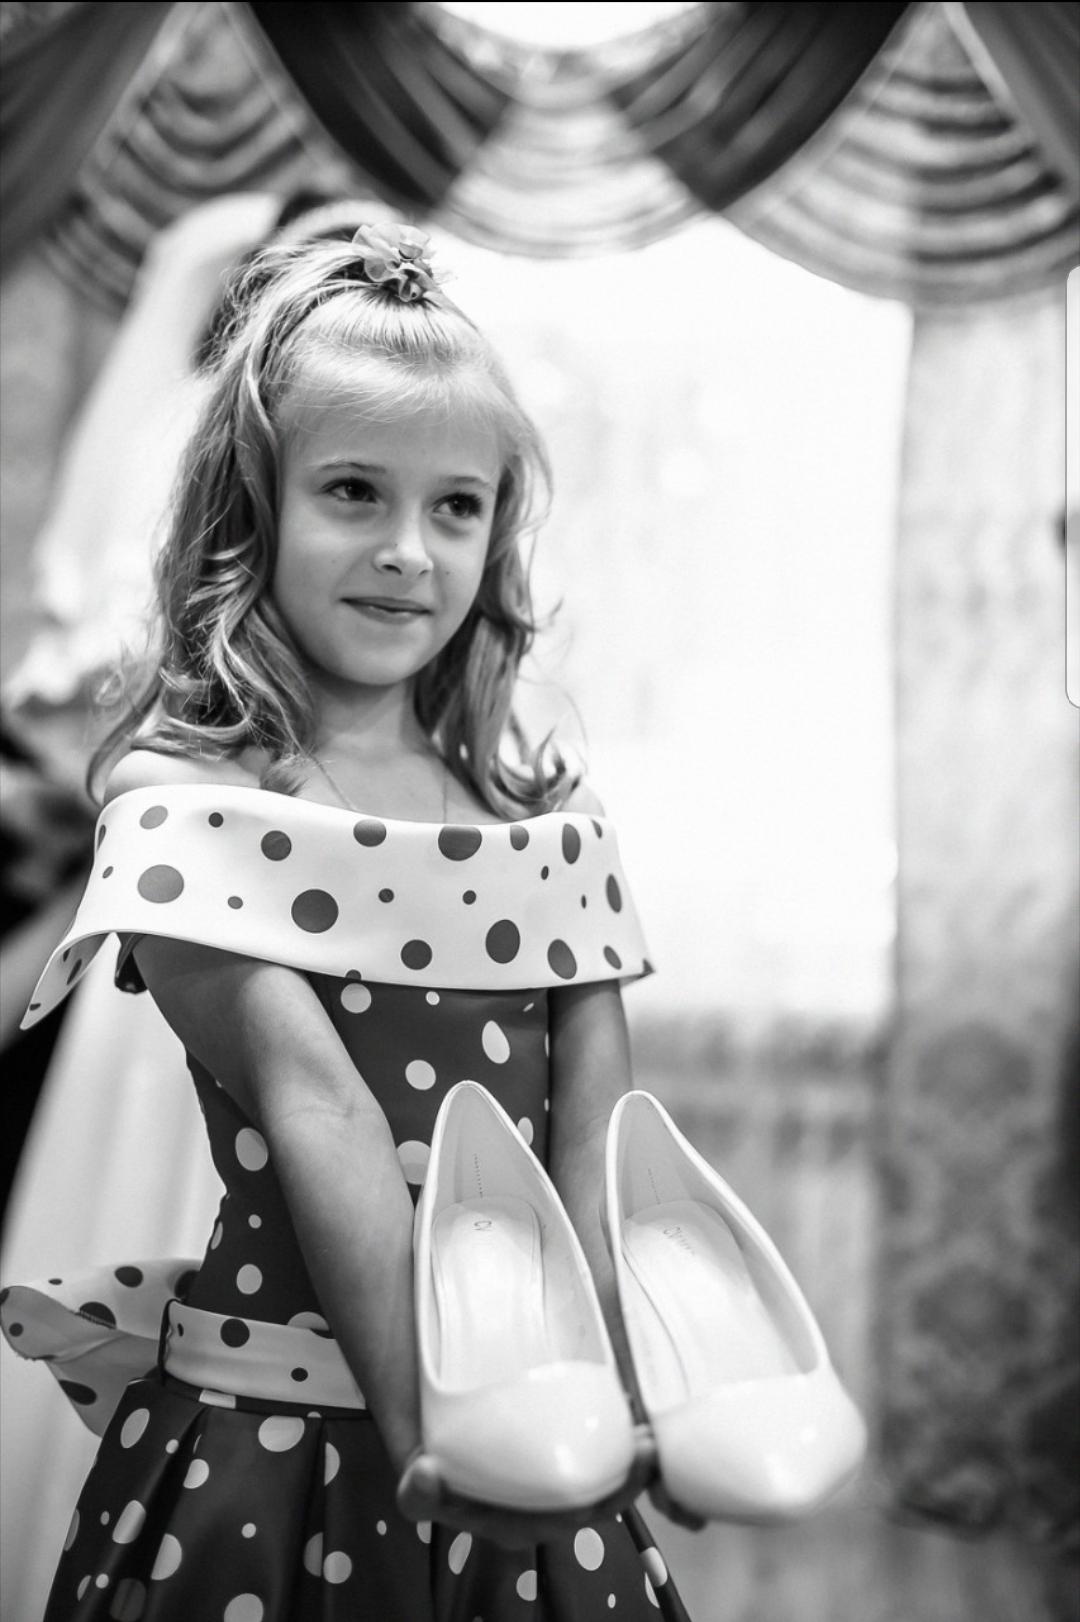 Принцессе без туфелек никуда. Принцесса собирается на бал